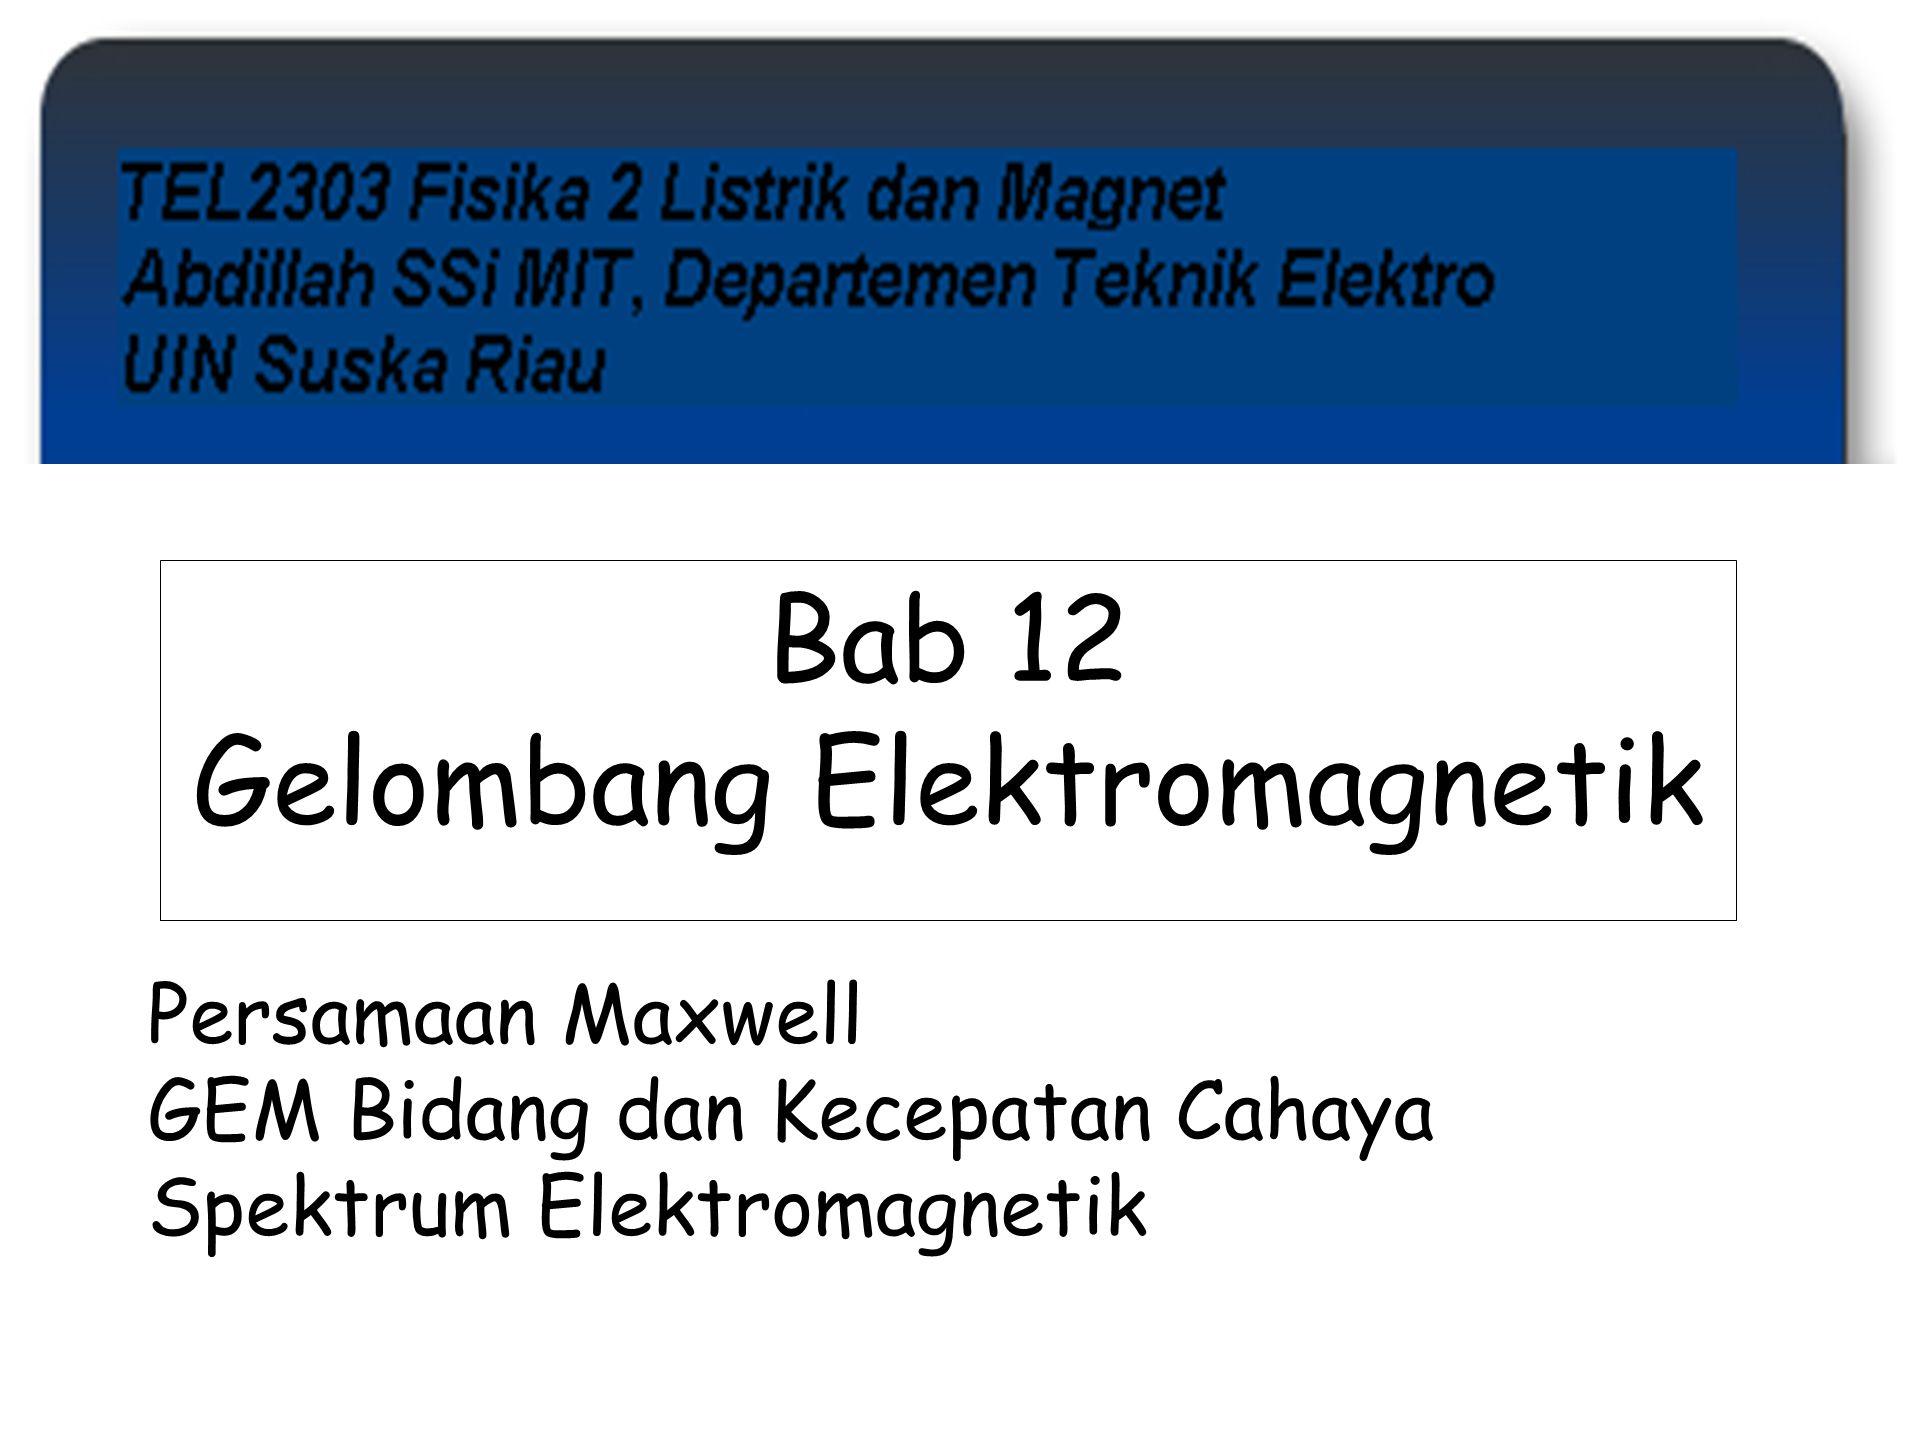 Bab 12 Gelombang Elektromagnetik